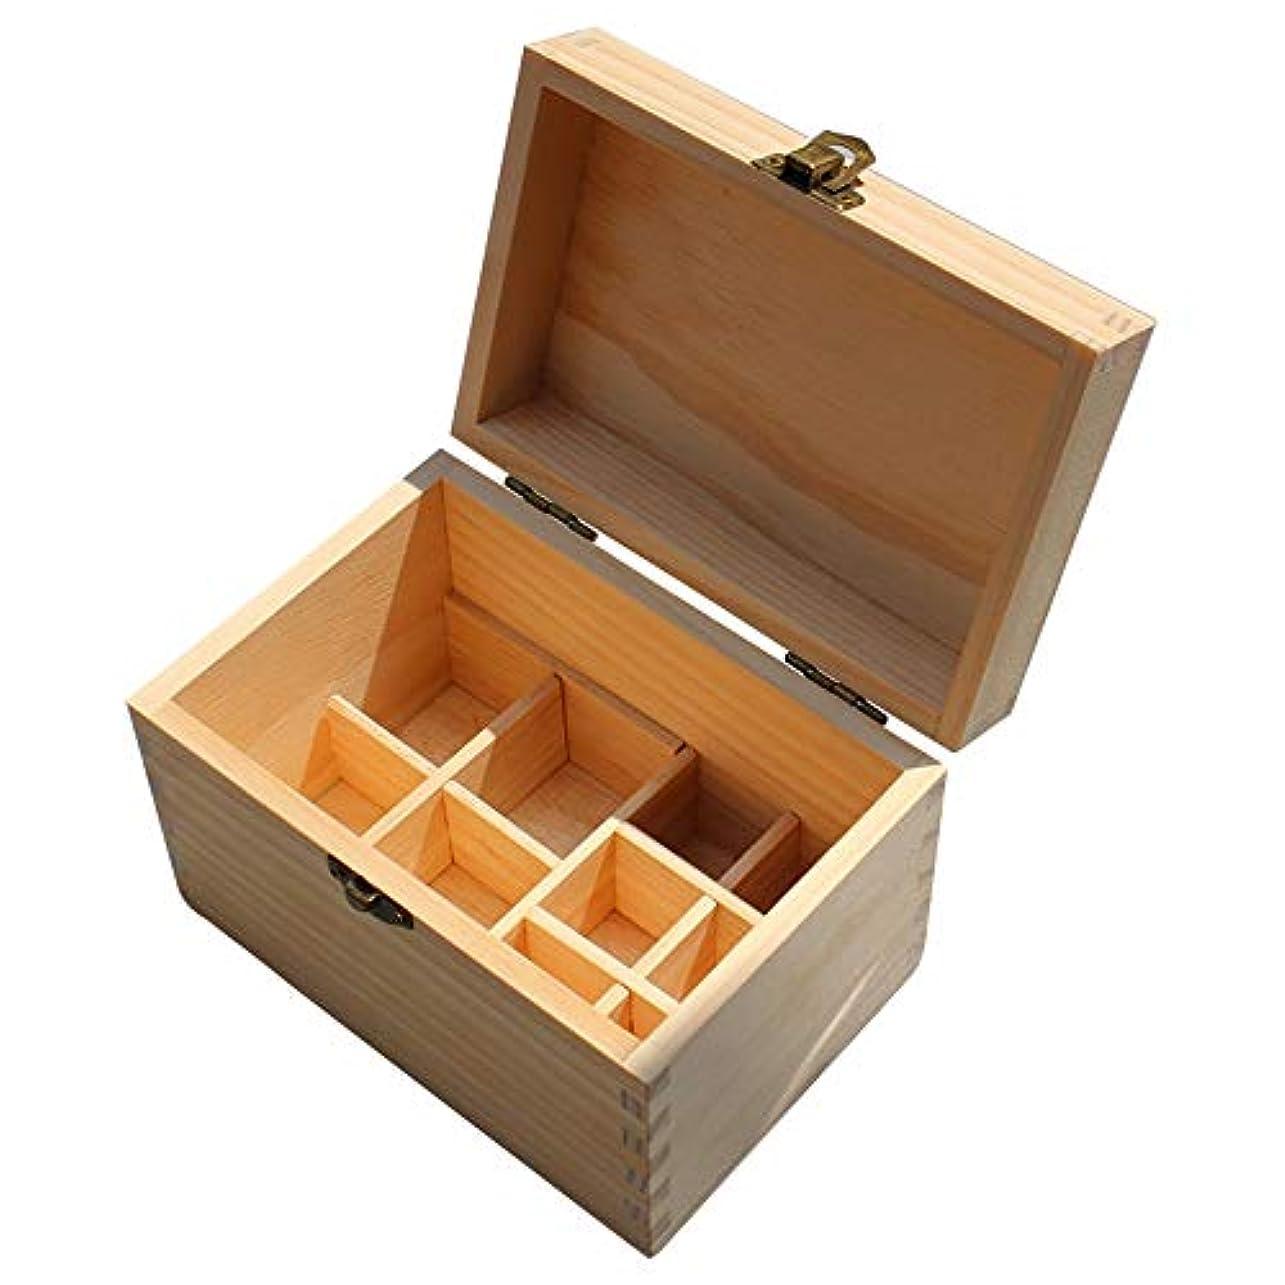 仕方副産物加速するエッセンシャルオイルの保管 10スロット木エッセンシャルオイルボックスオーガナイザーパーフェクトエッセンシャルオイルケース (色 : Natural, サイズ : 16.2X10.8X11CM)